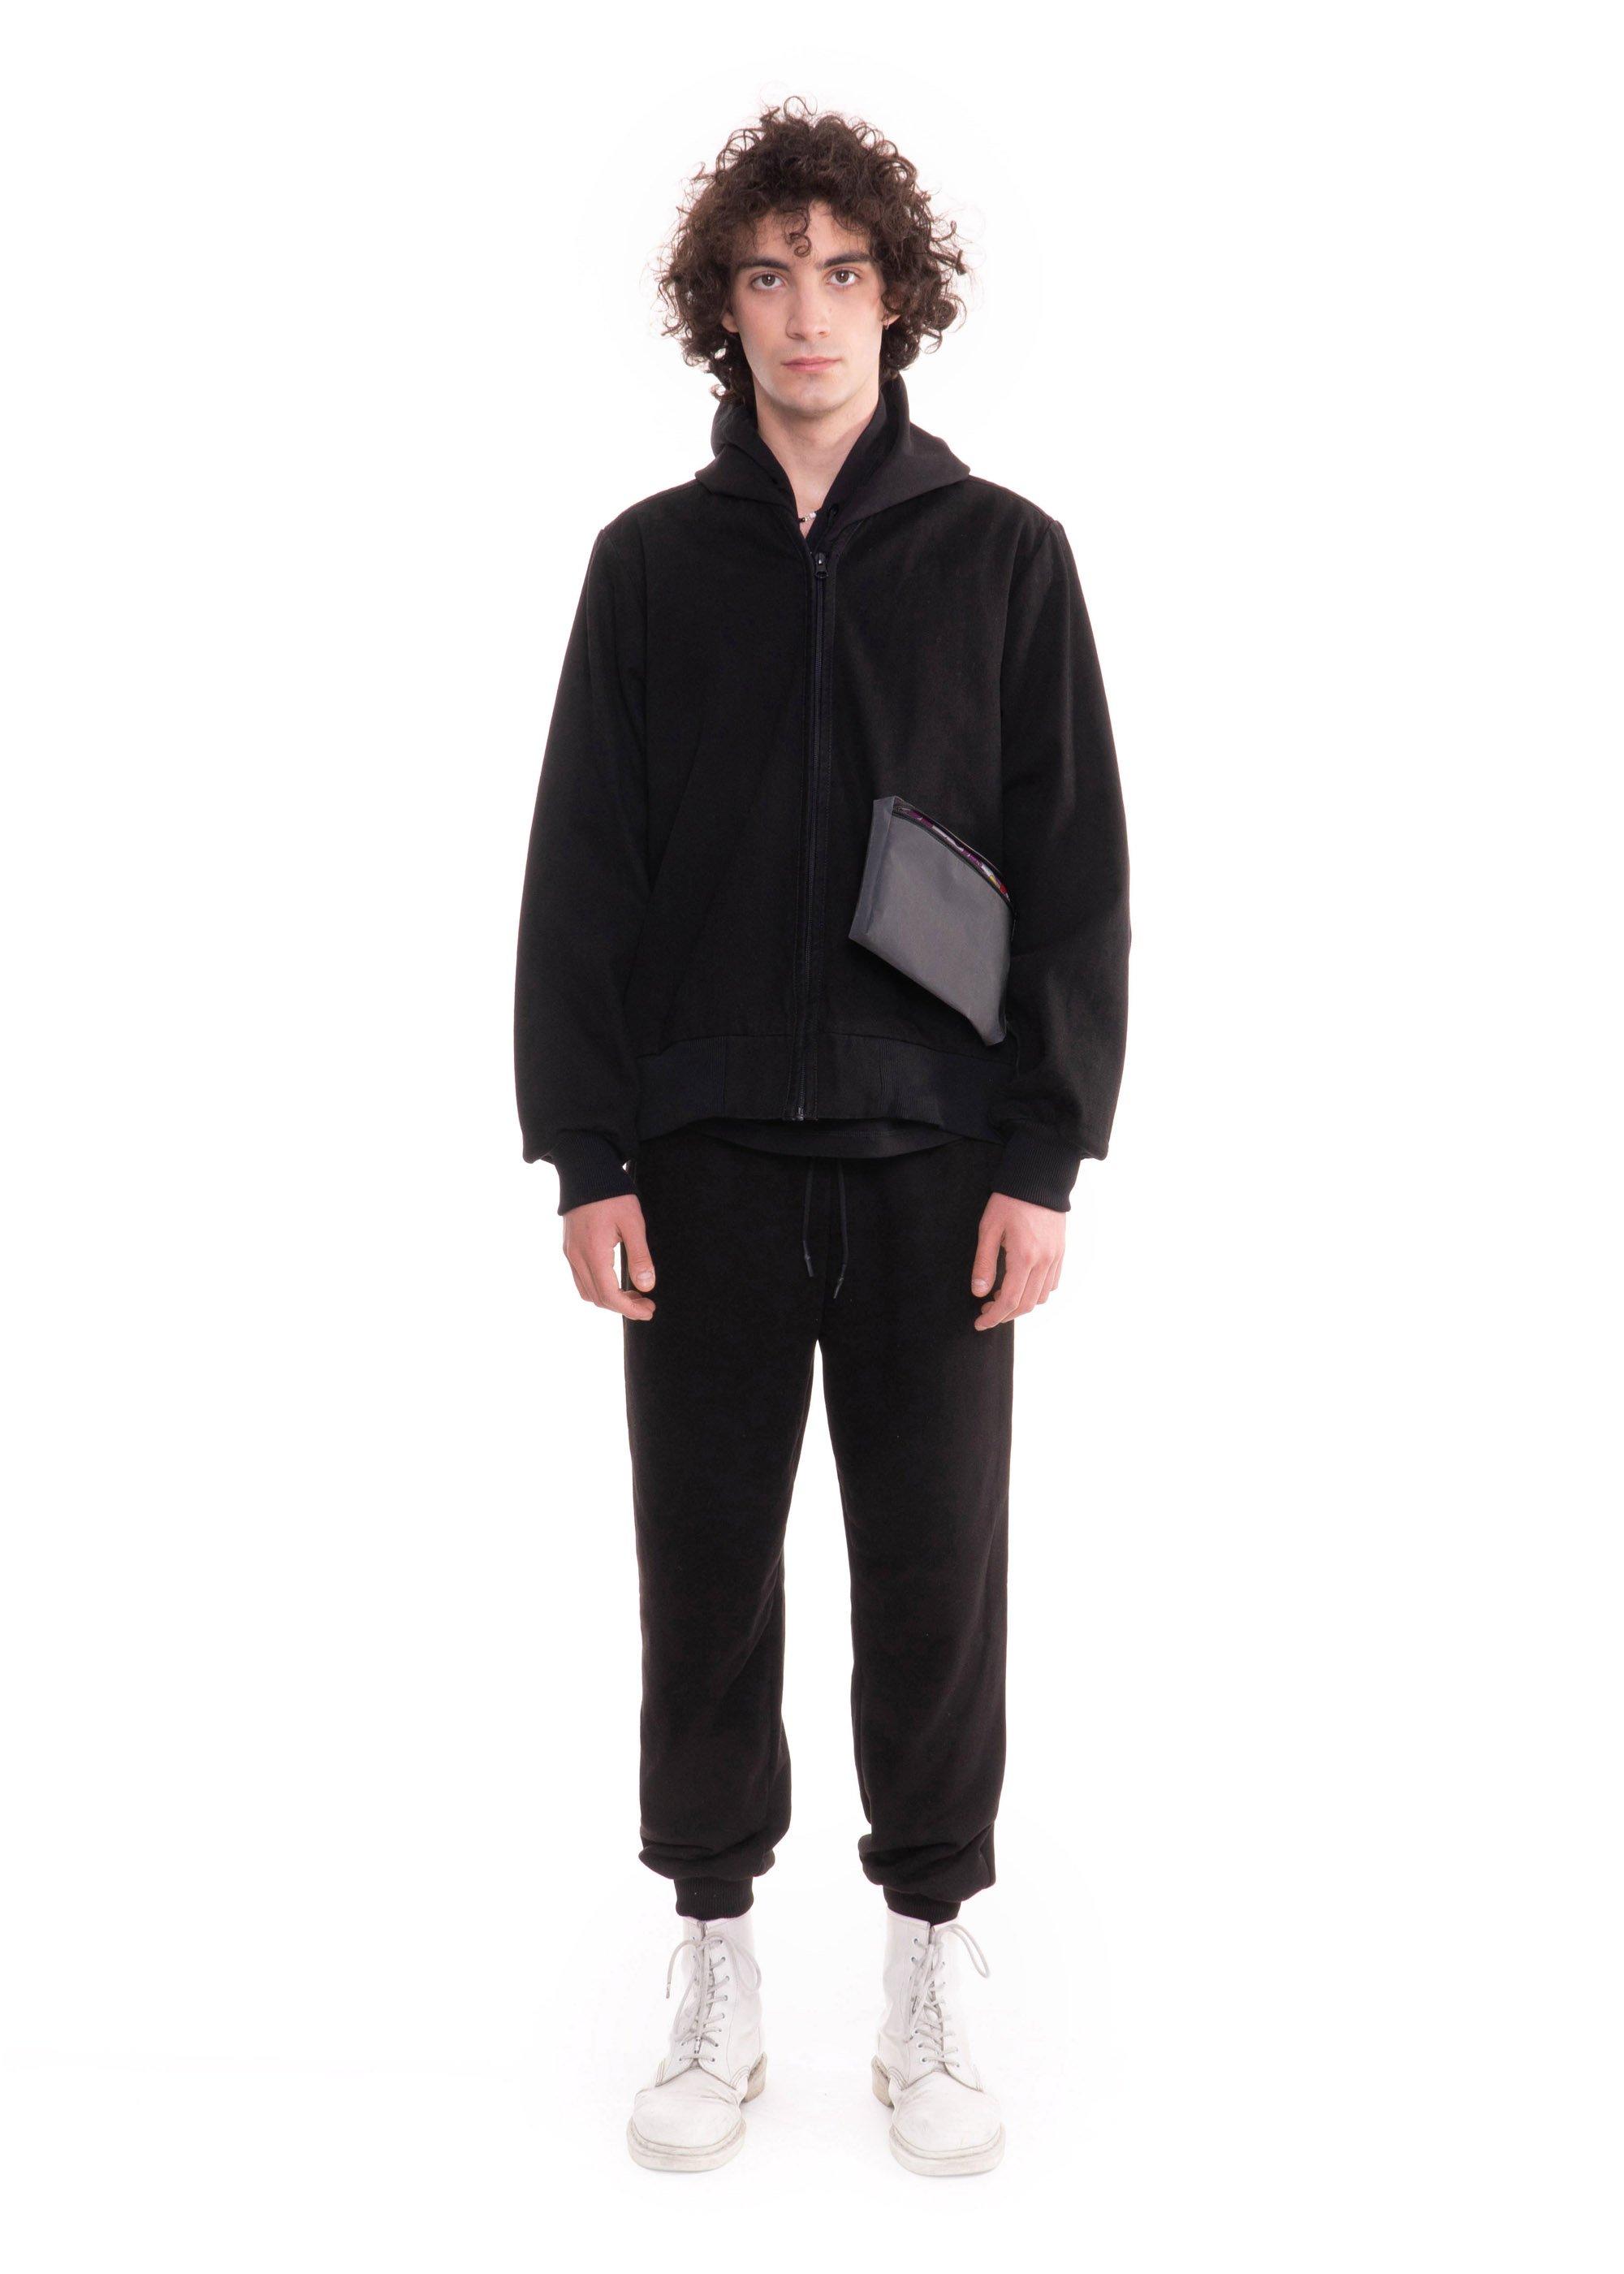 Denim Jacket With Outside Pocket